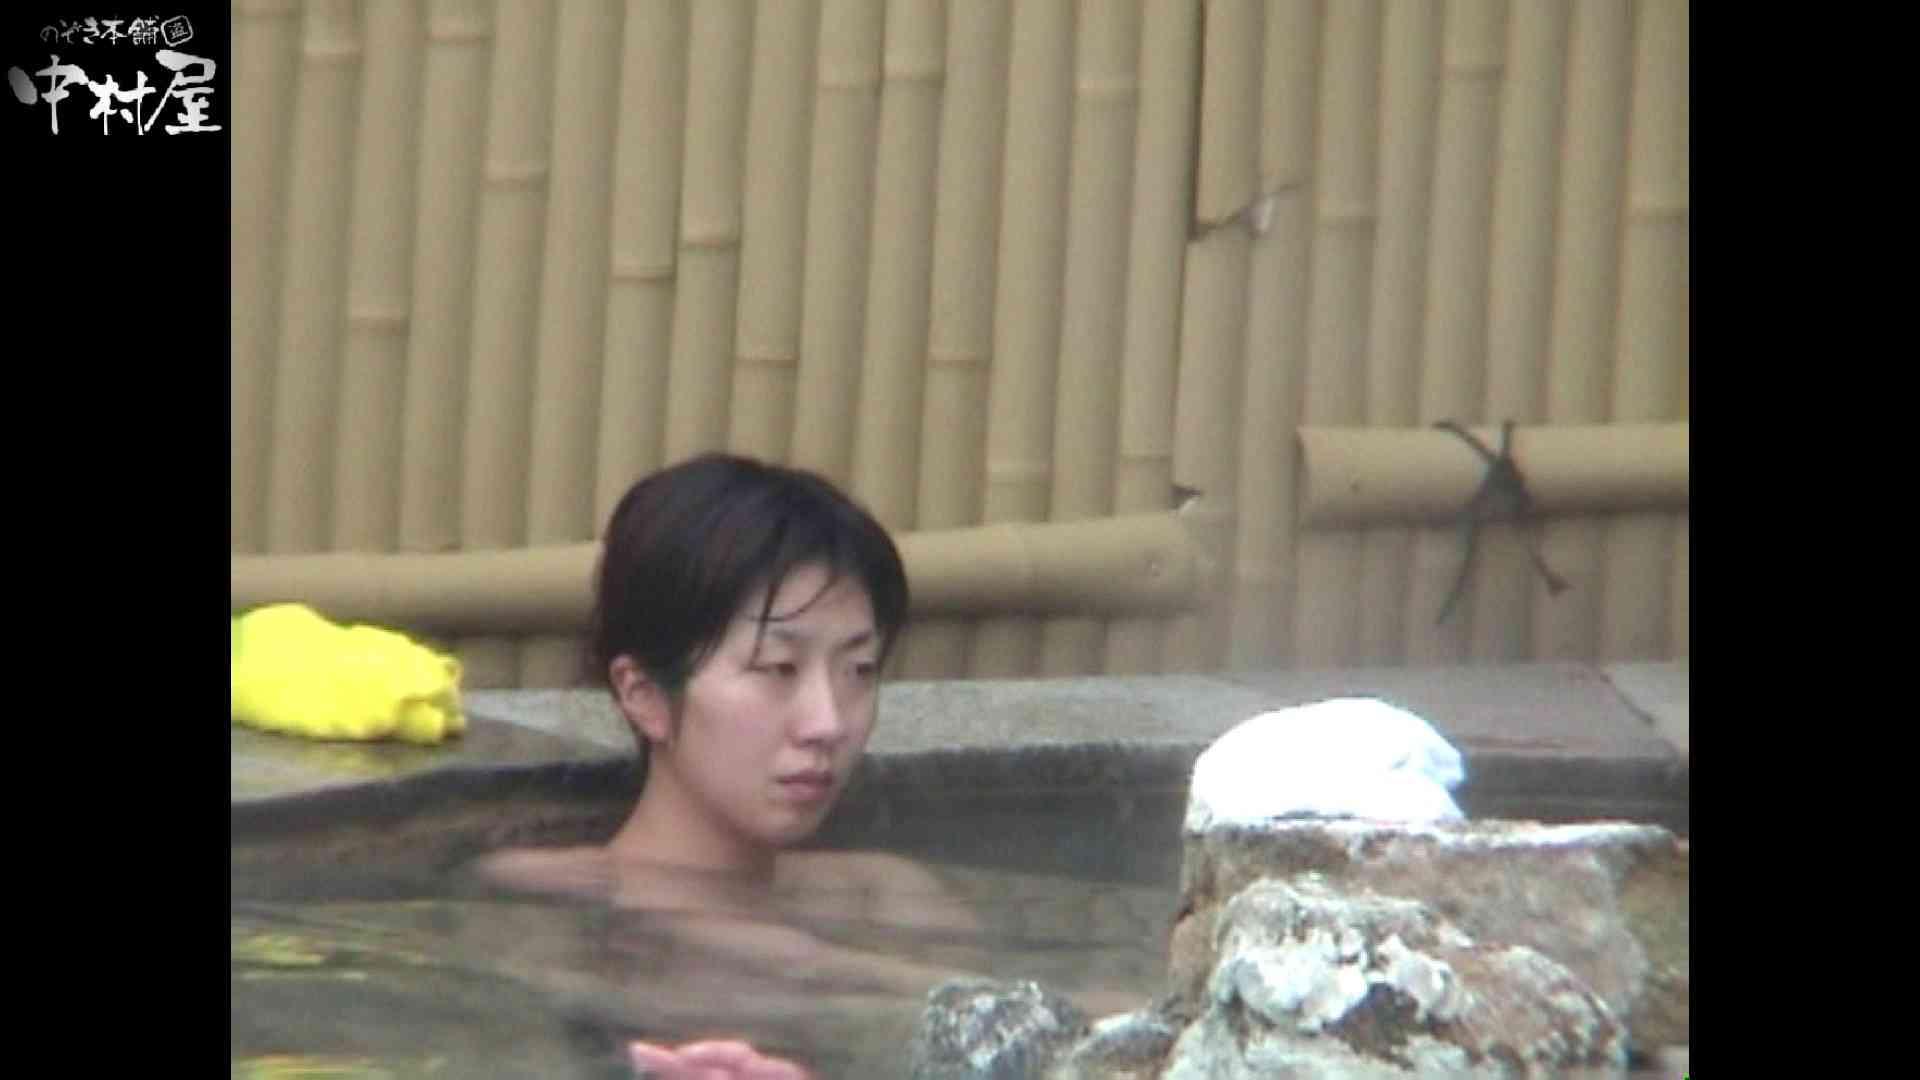 Aquaな露天風呂Vol.921 盗撮特集 | 露天  93画像 34